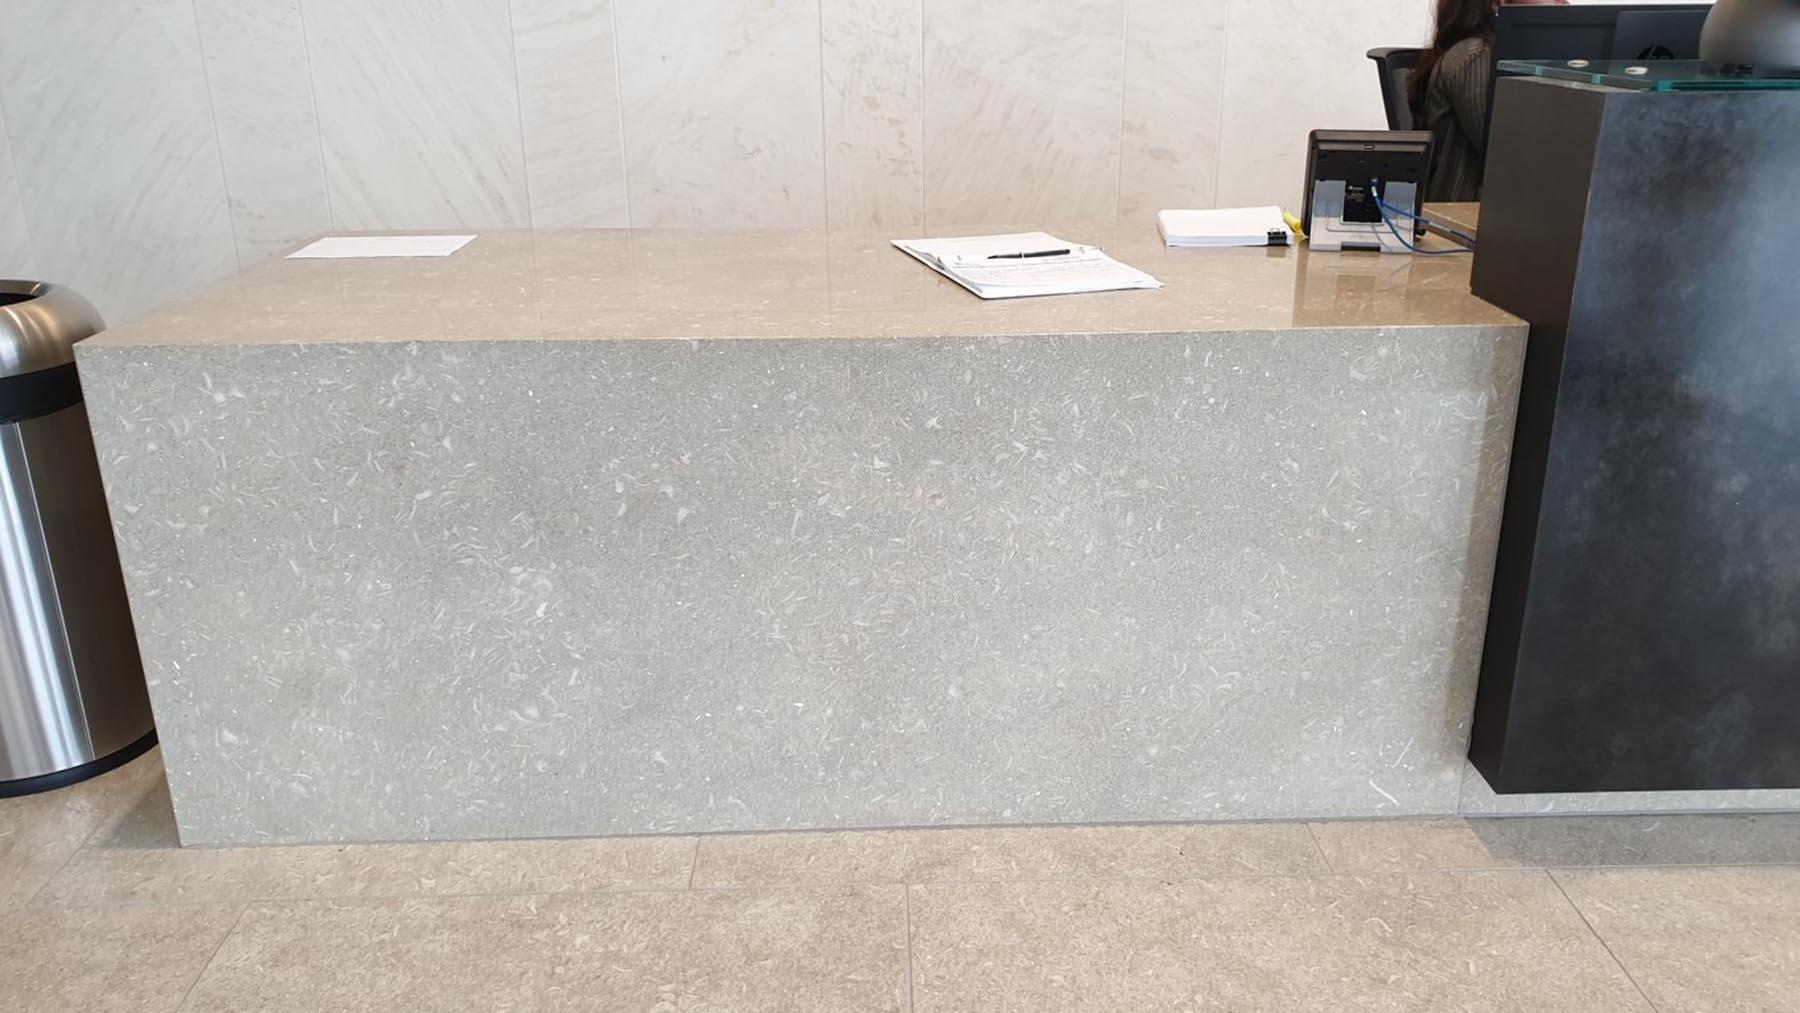 Desk Liberty Mutual grigio olivo ondulato